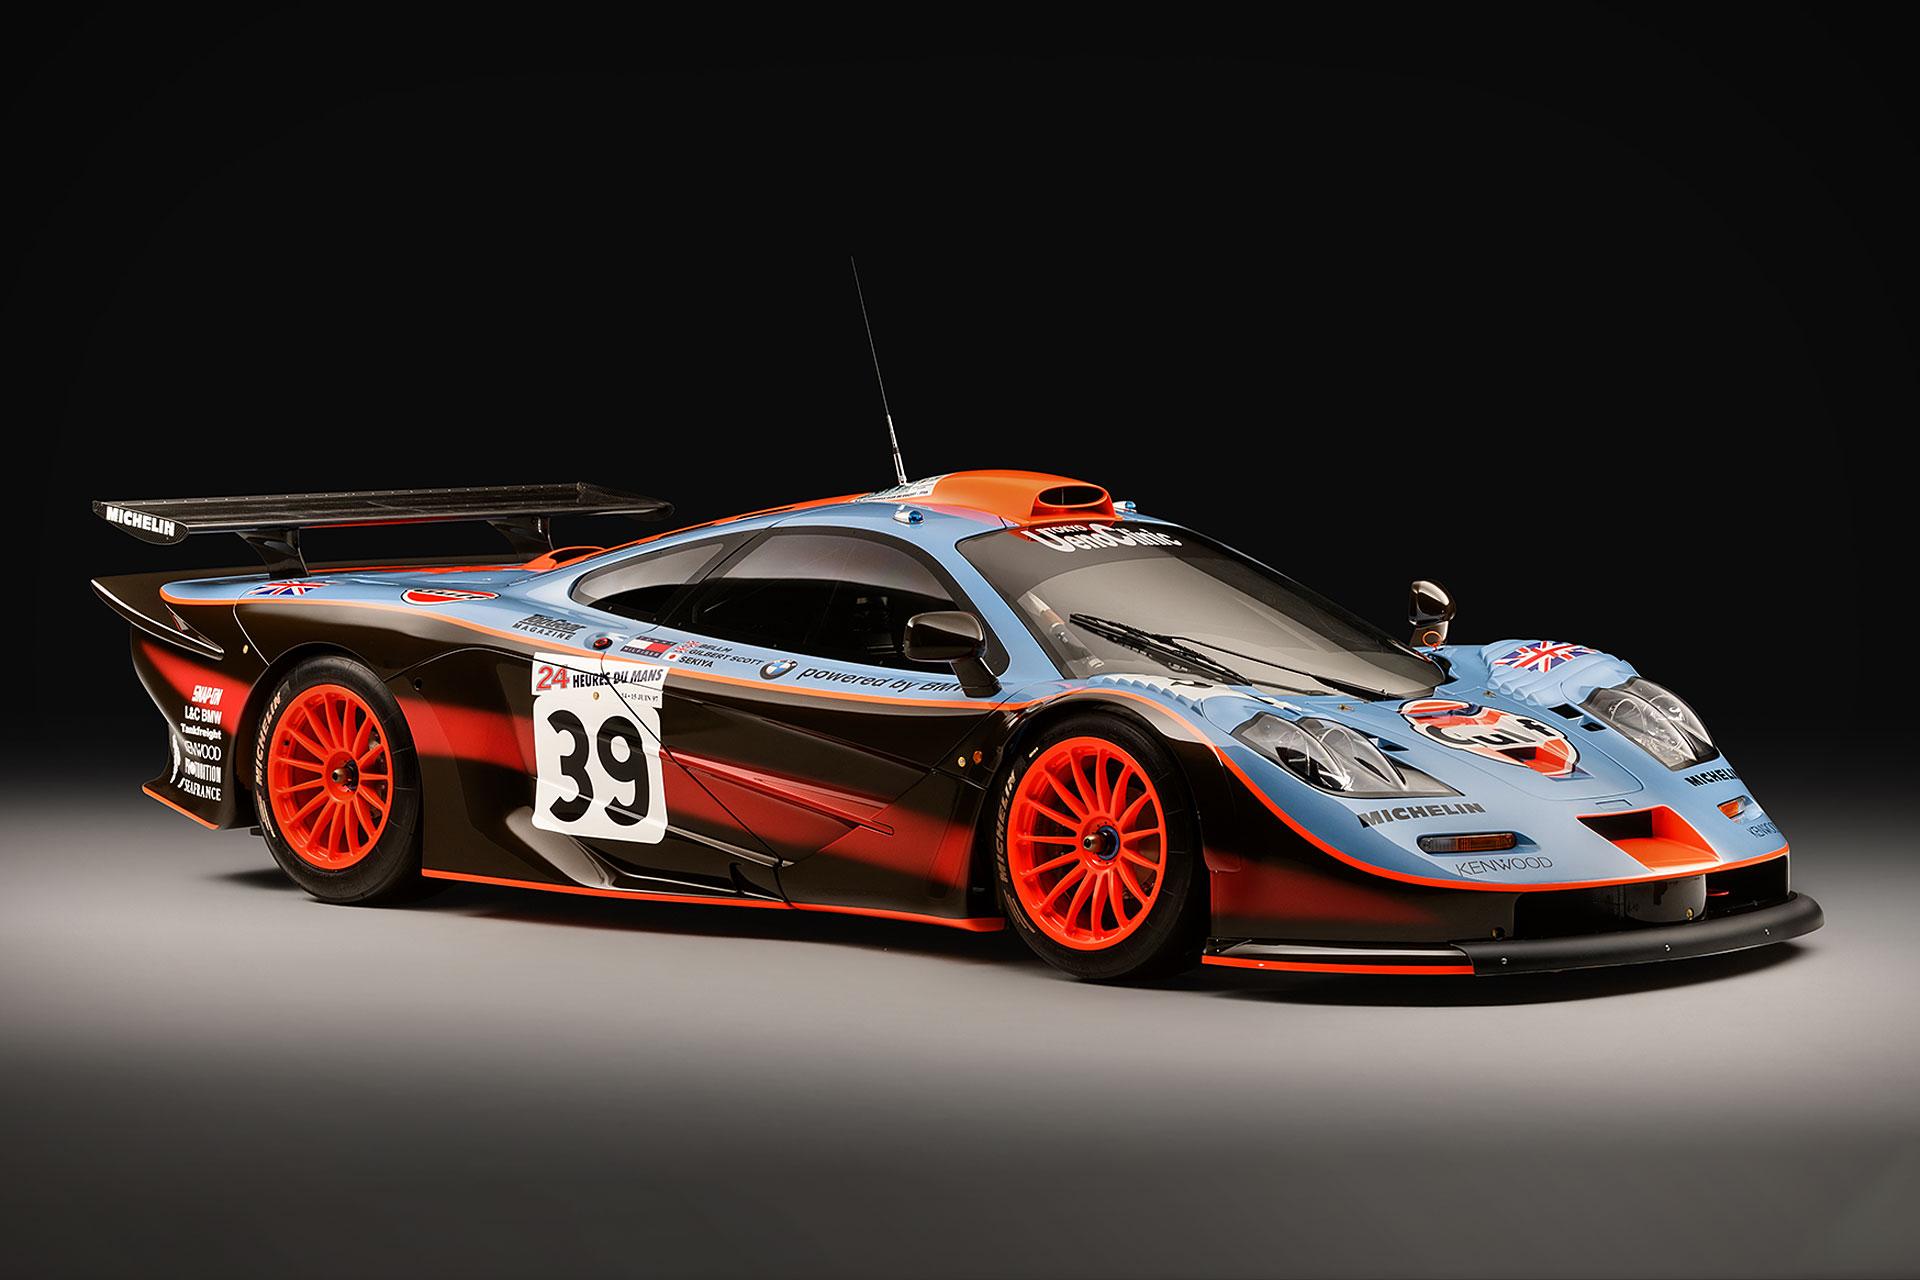 Ex Le Mans Mclaren F1 Gtr Restoration Uncrate